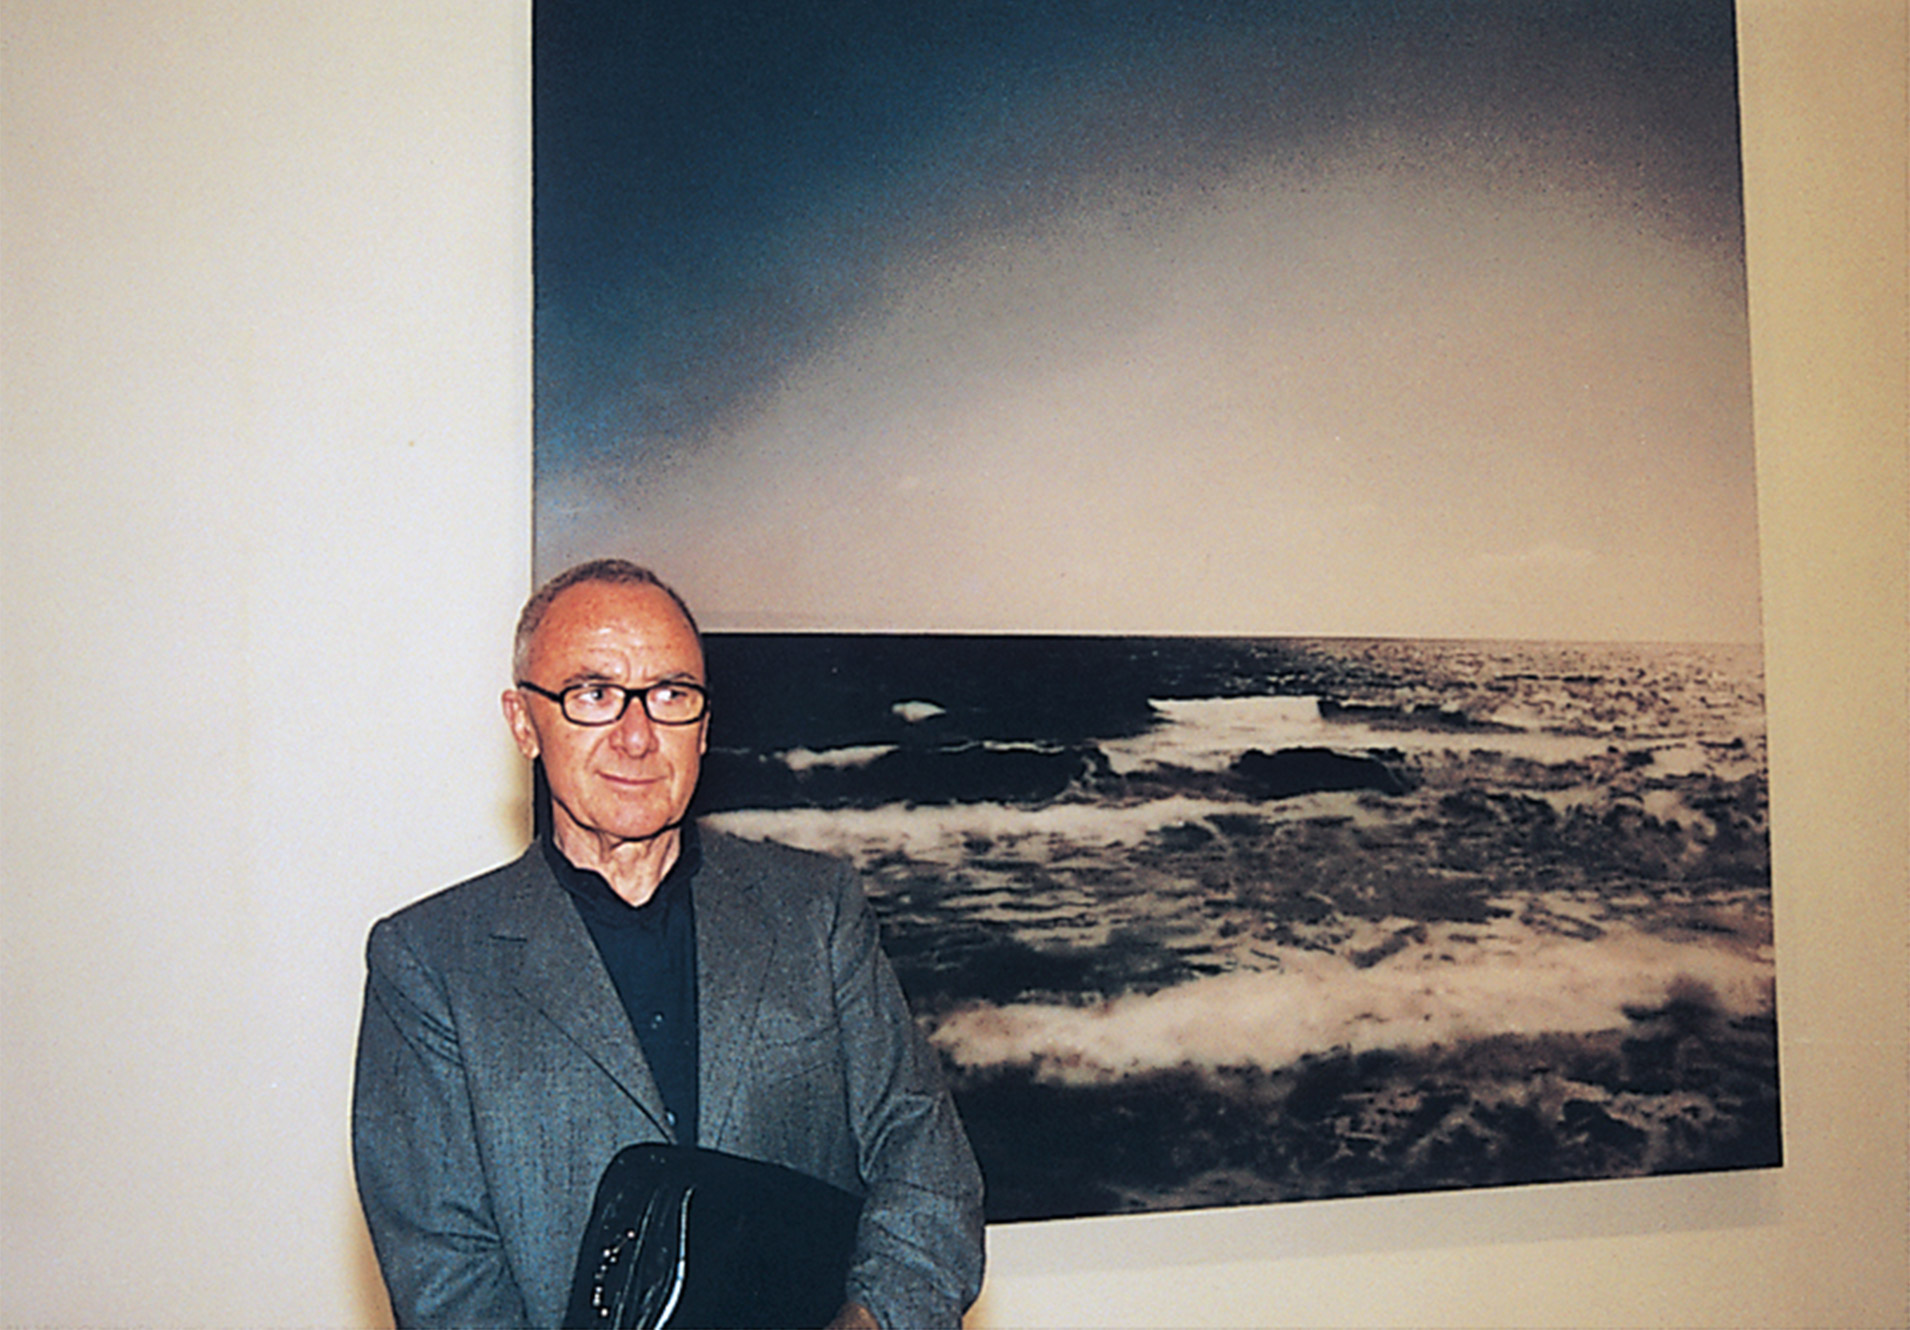 Gerhard Richter | Artistas | Guggenheim Bilbao Museoa